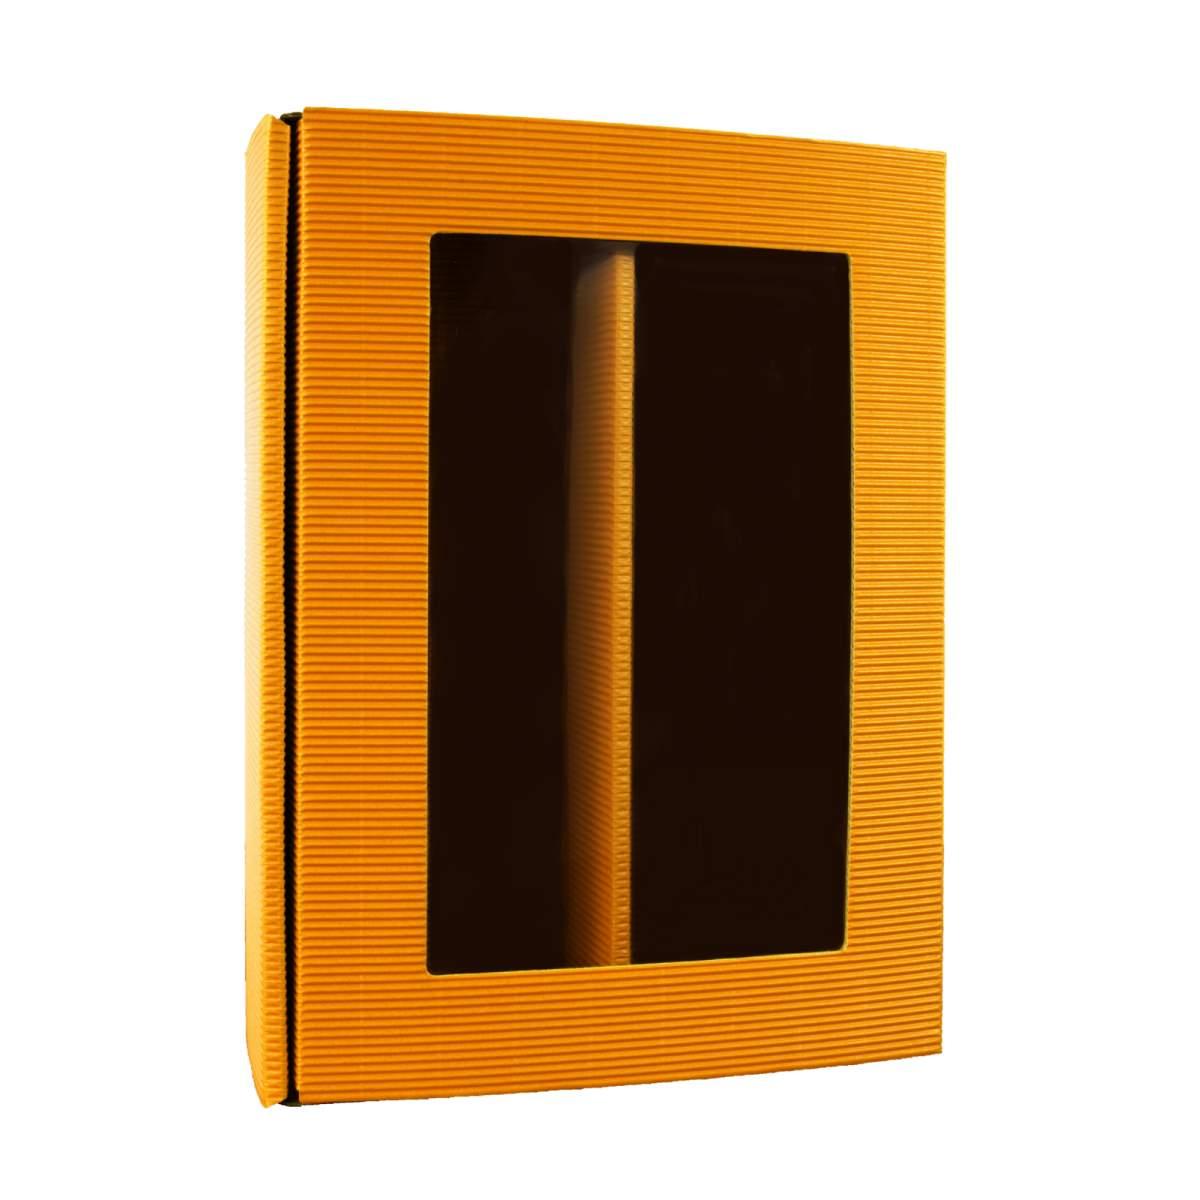 Geschenkbox-L-mit-Fenster-u-Einlage_orange_6479_1600px